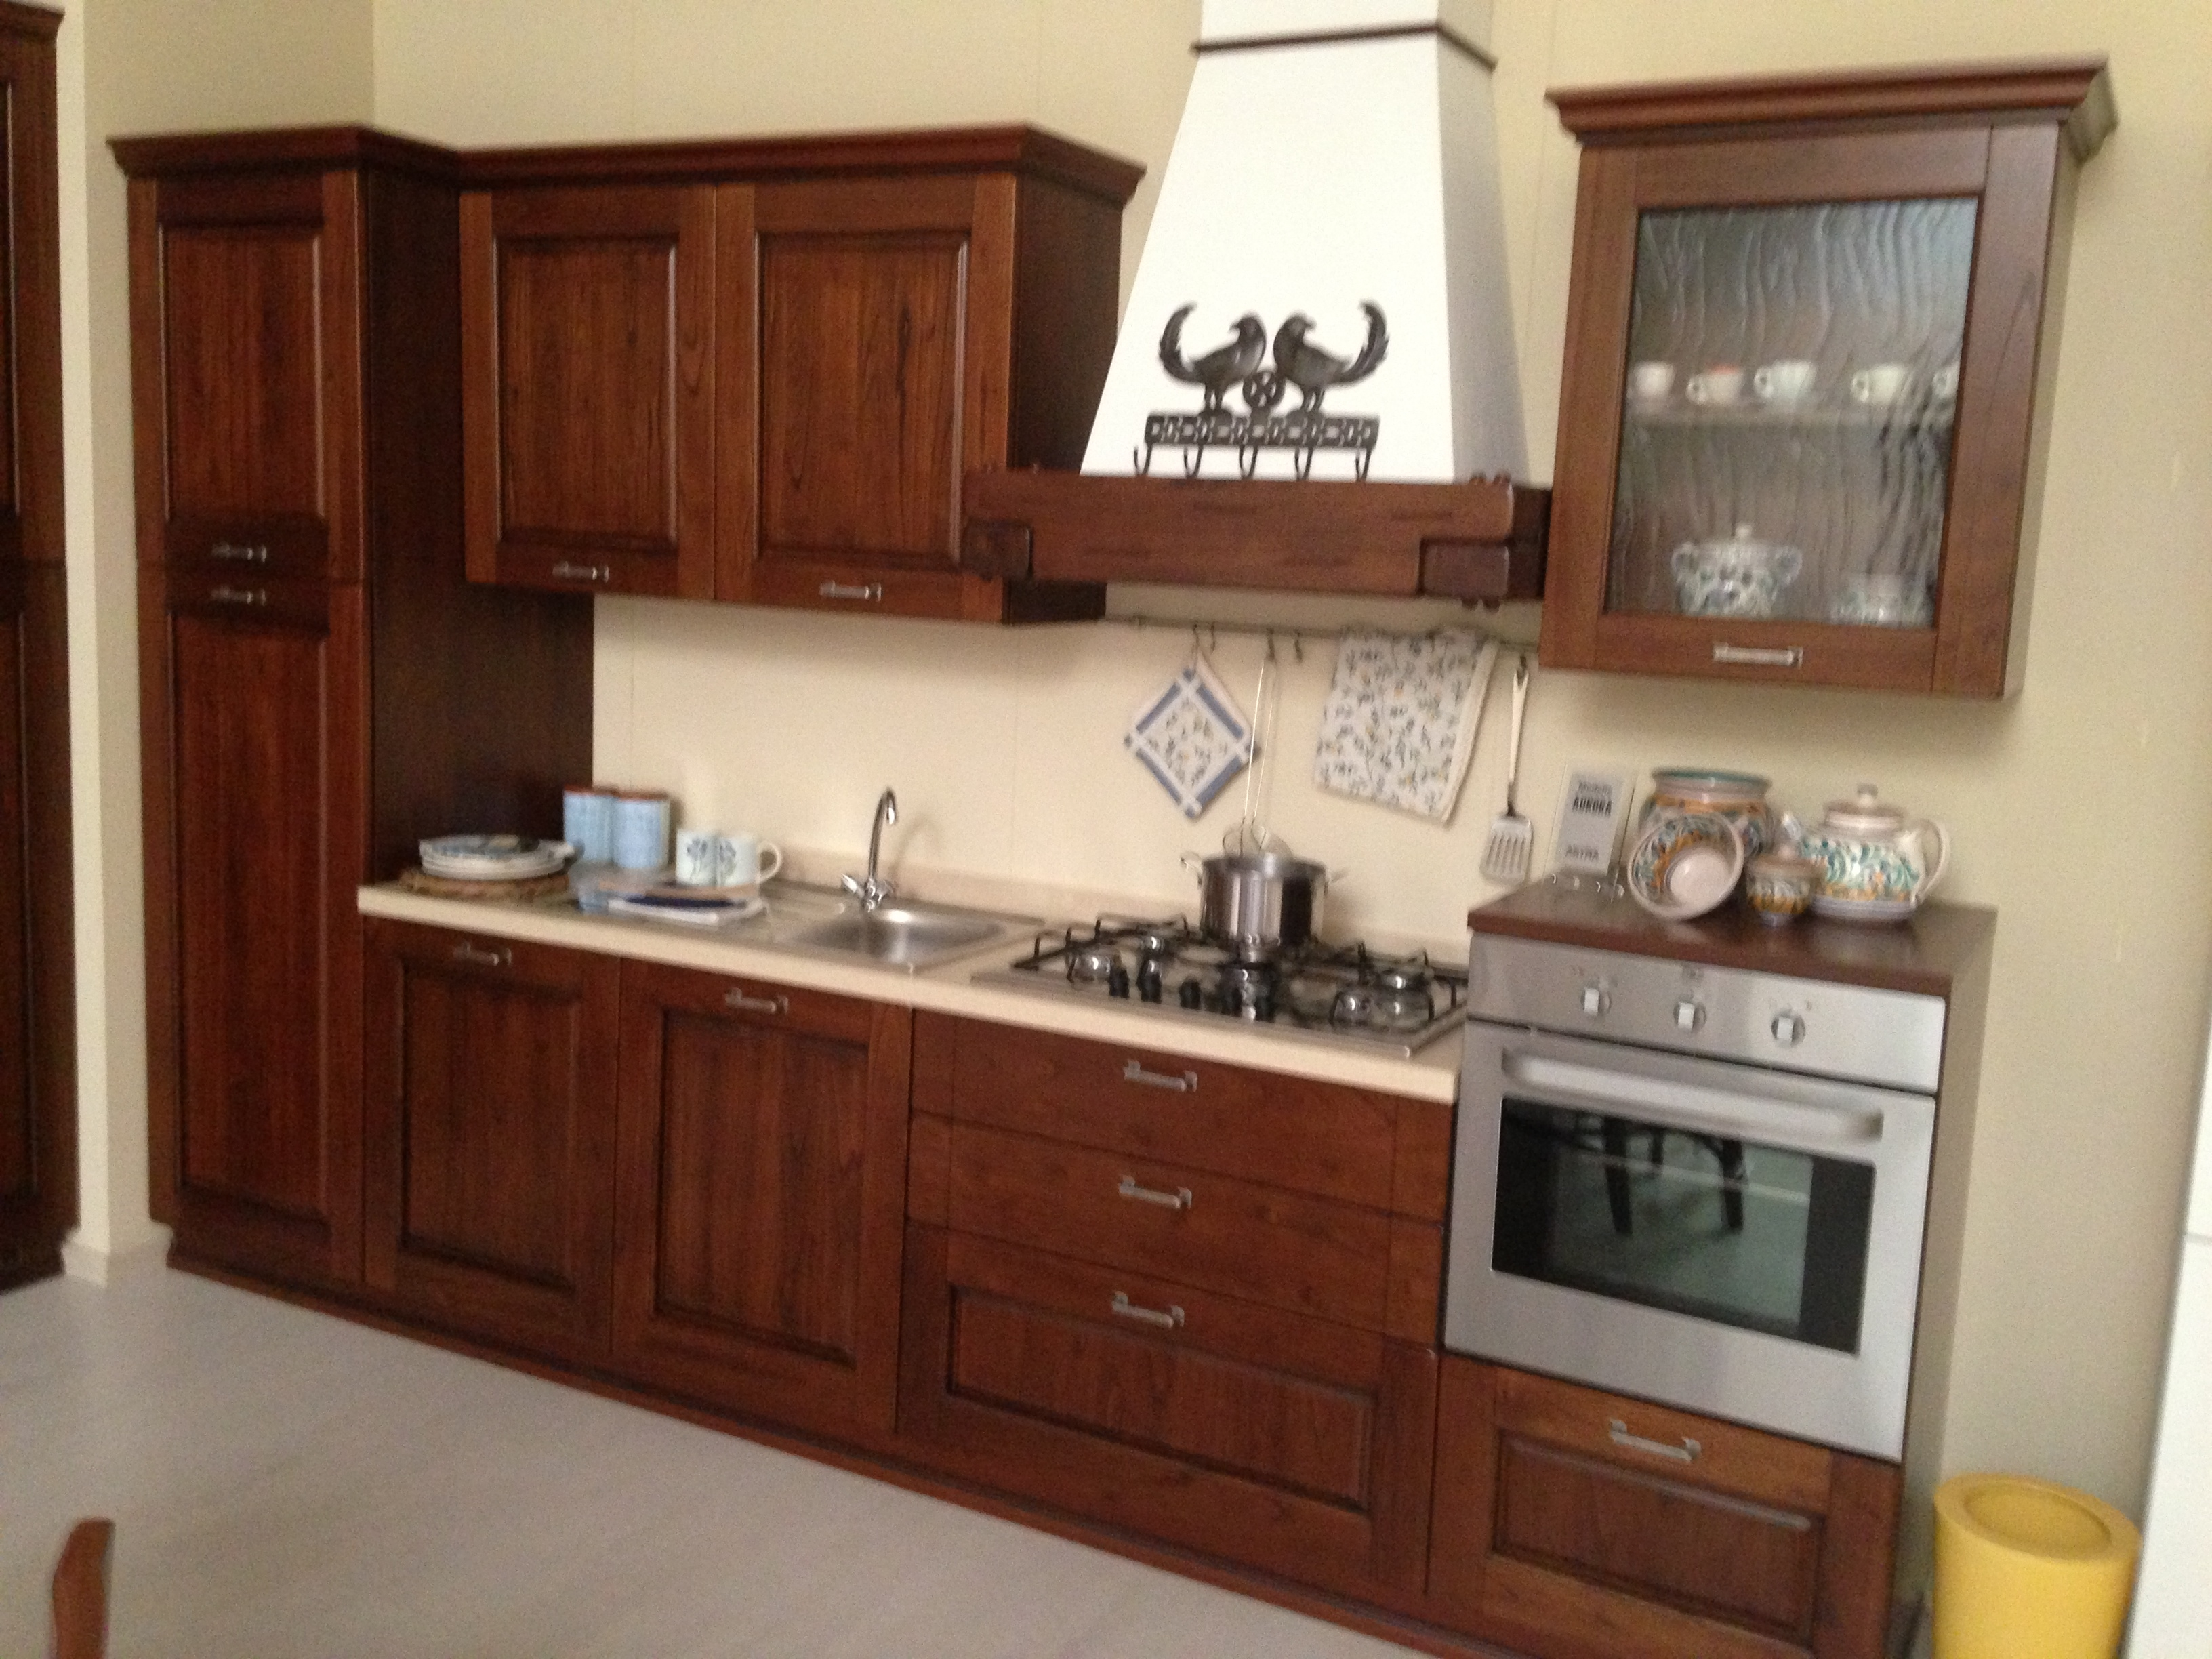 Cucina classica CM330 - Cucine a prezzi scontati